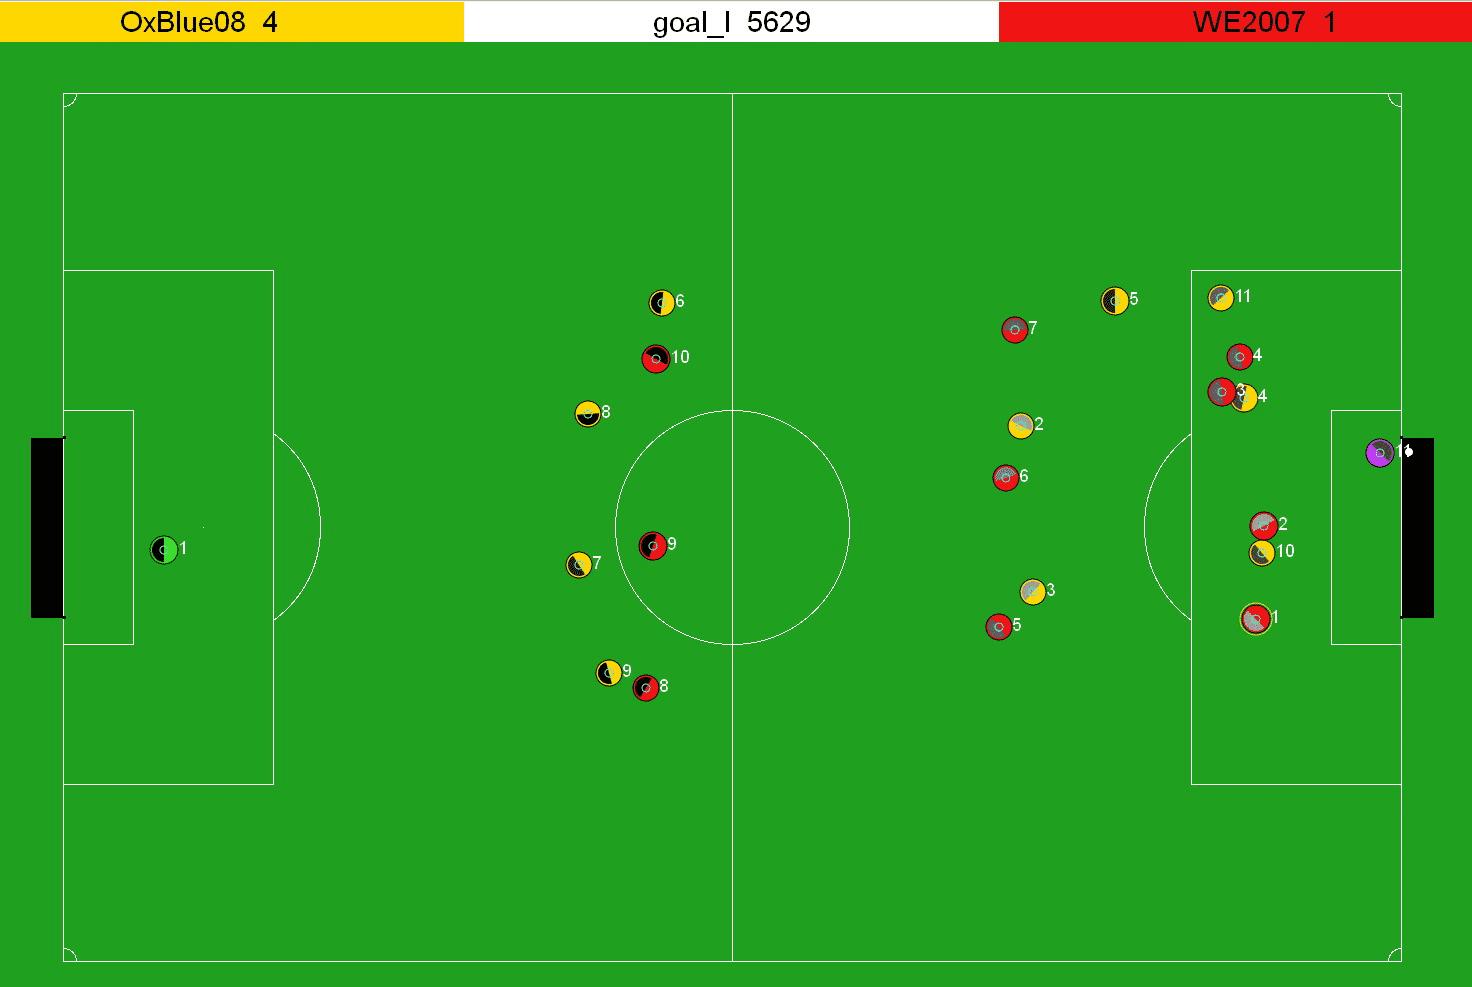 @bu: Der Ball ist über die Torlinie gerollt, der automatische Schiri entscheidet: Tor, Toor Toooor!